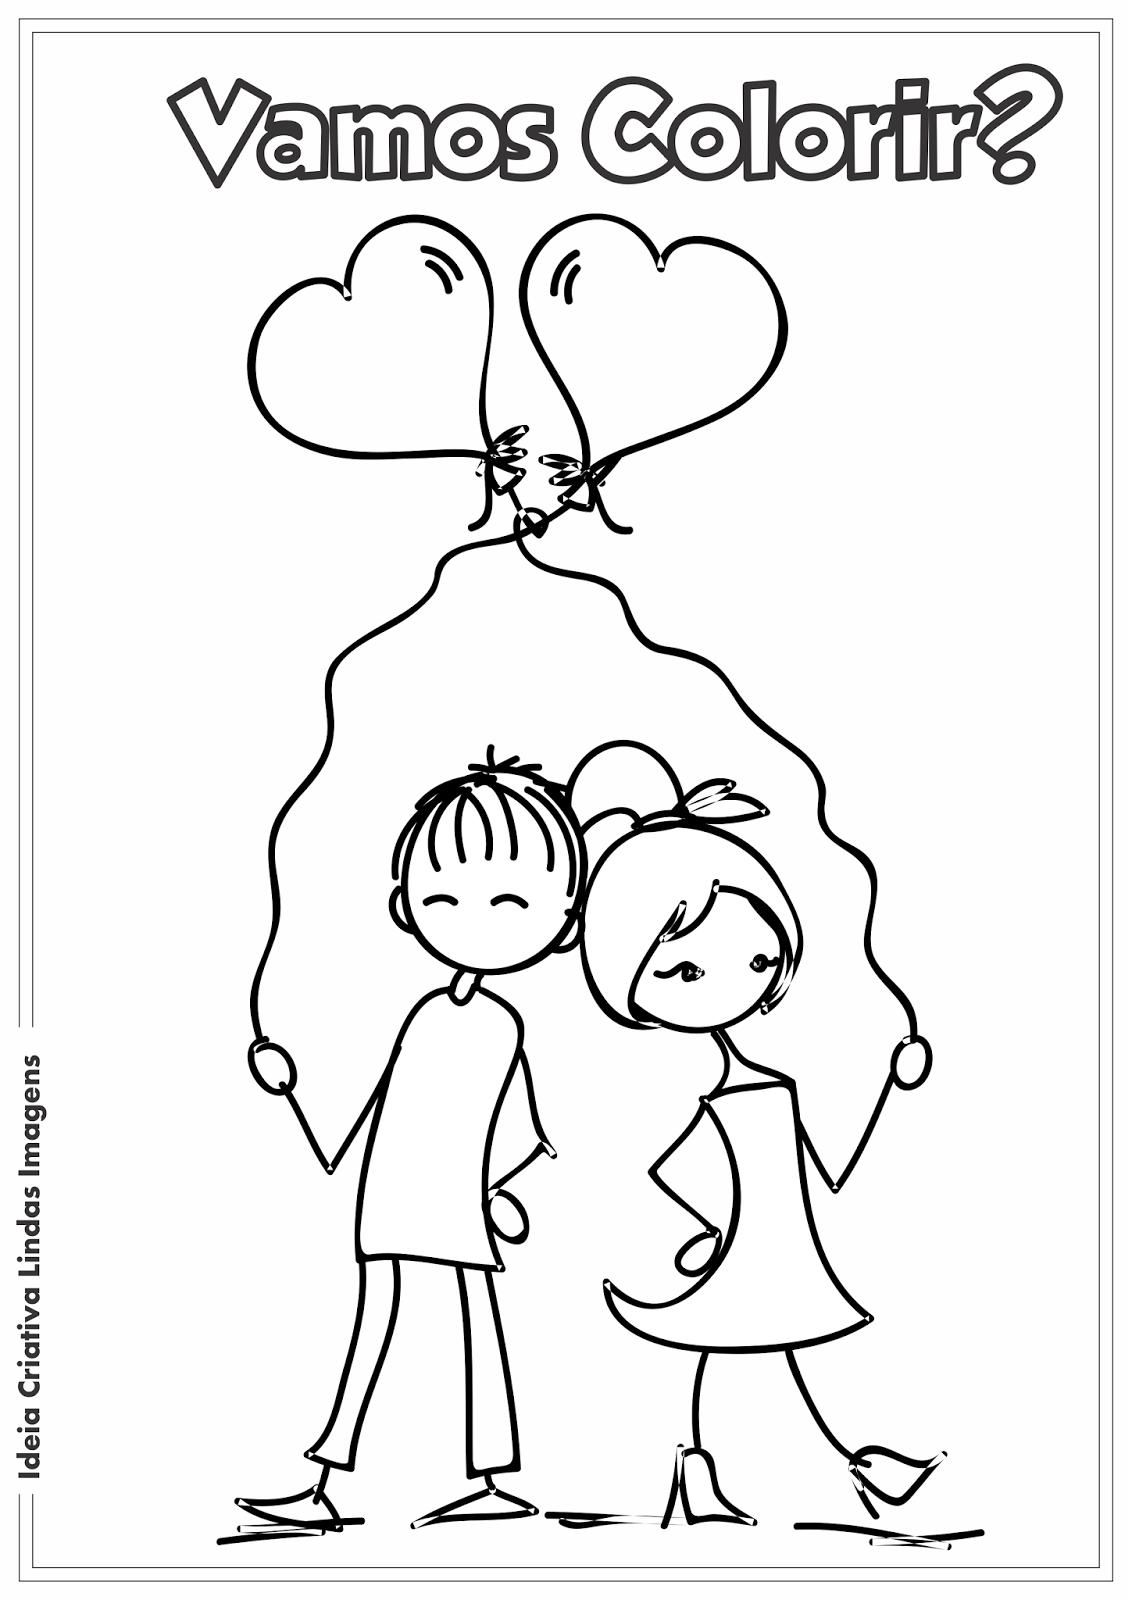 Ideia Criativa Lindas Imagens  Dia Dos Namorados Desenho Para Colorir